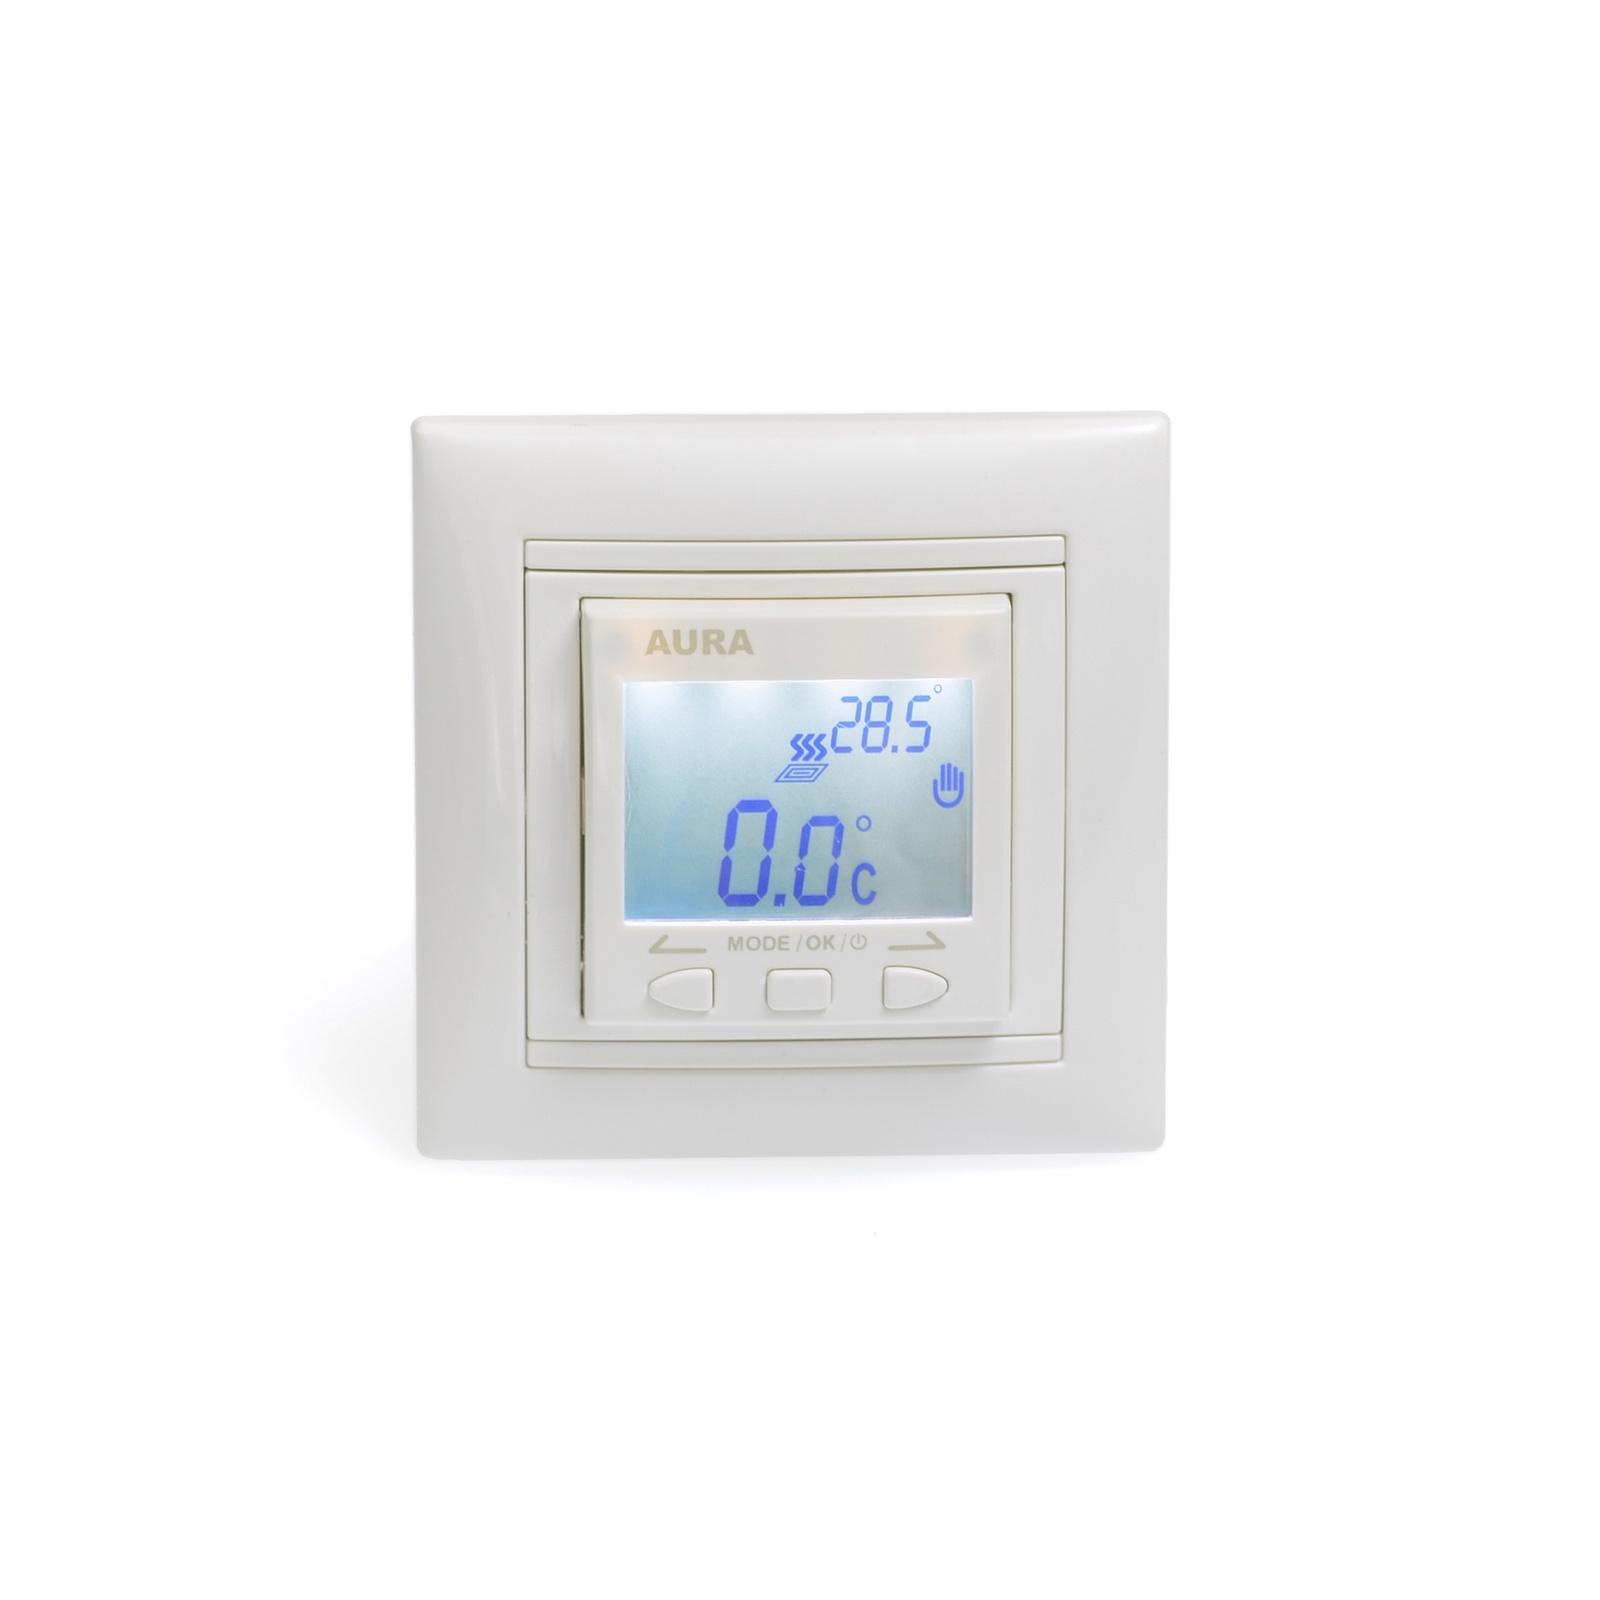 Регулятор теплого пола AURA LTC 090, 3201090, белый стоимость